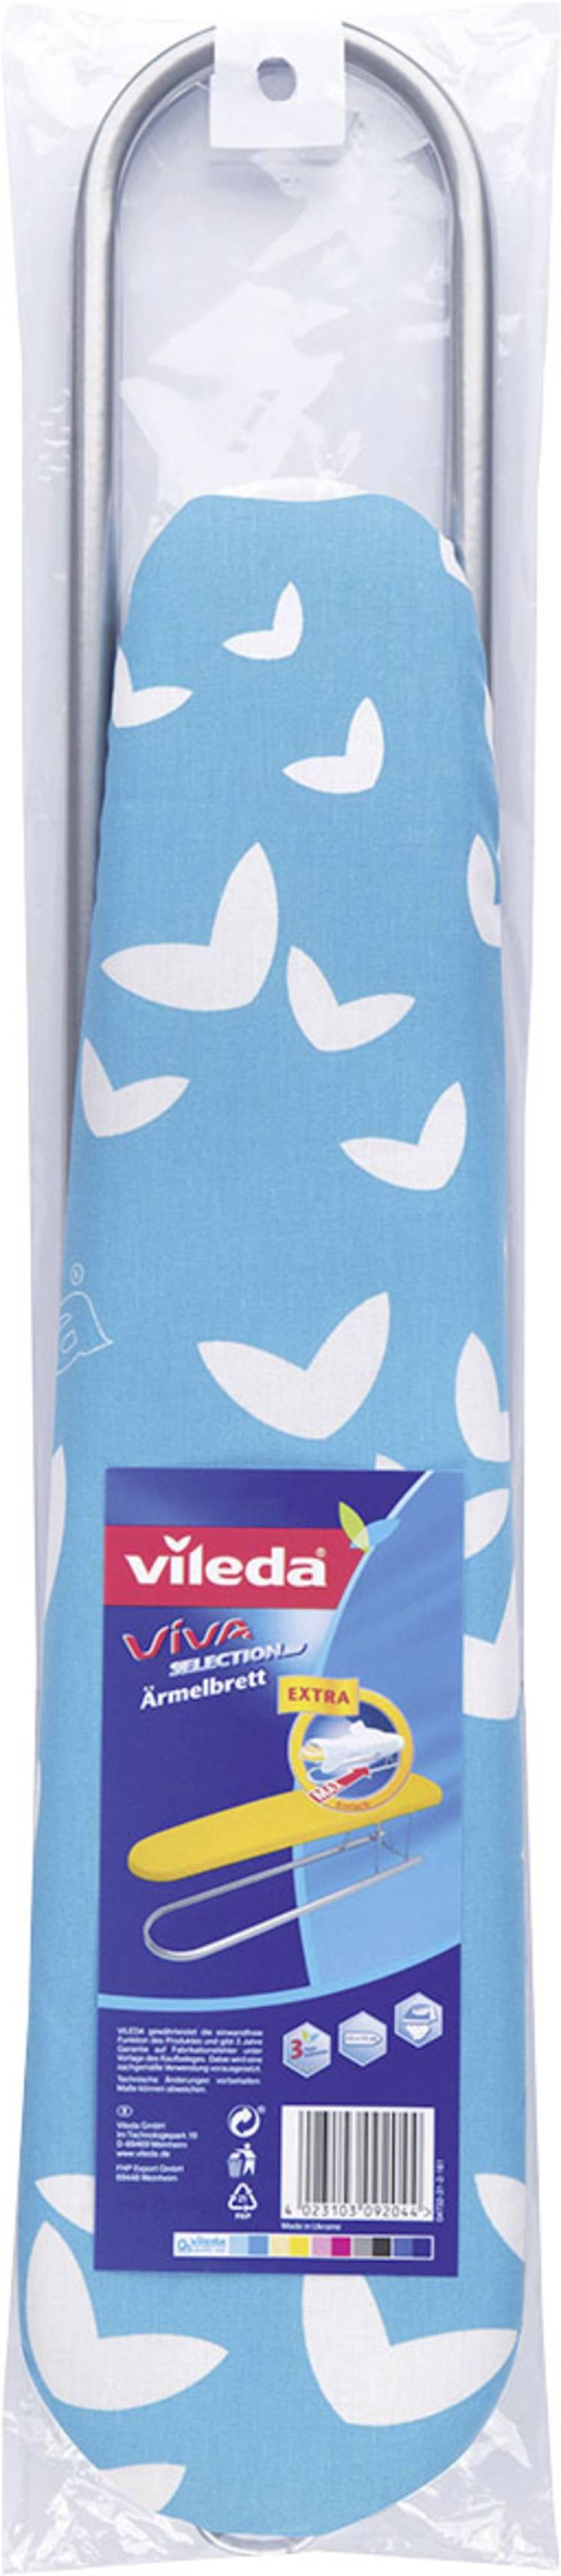 Mouwstrijkplank Vileda 110497 1 stuks Blauw